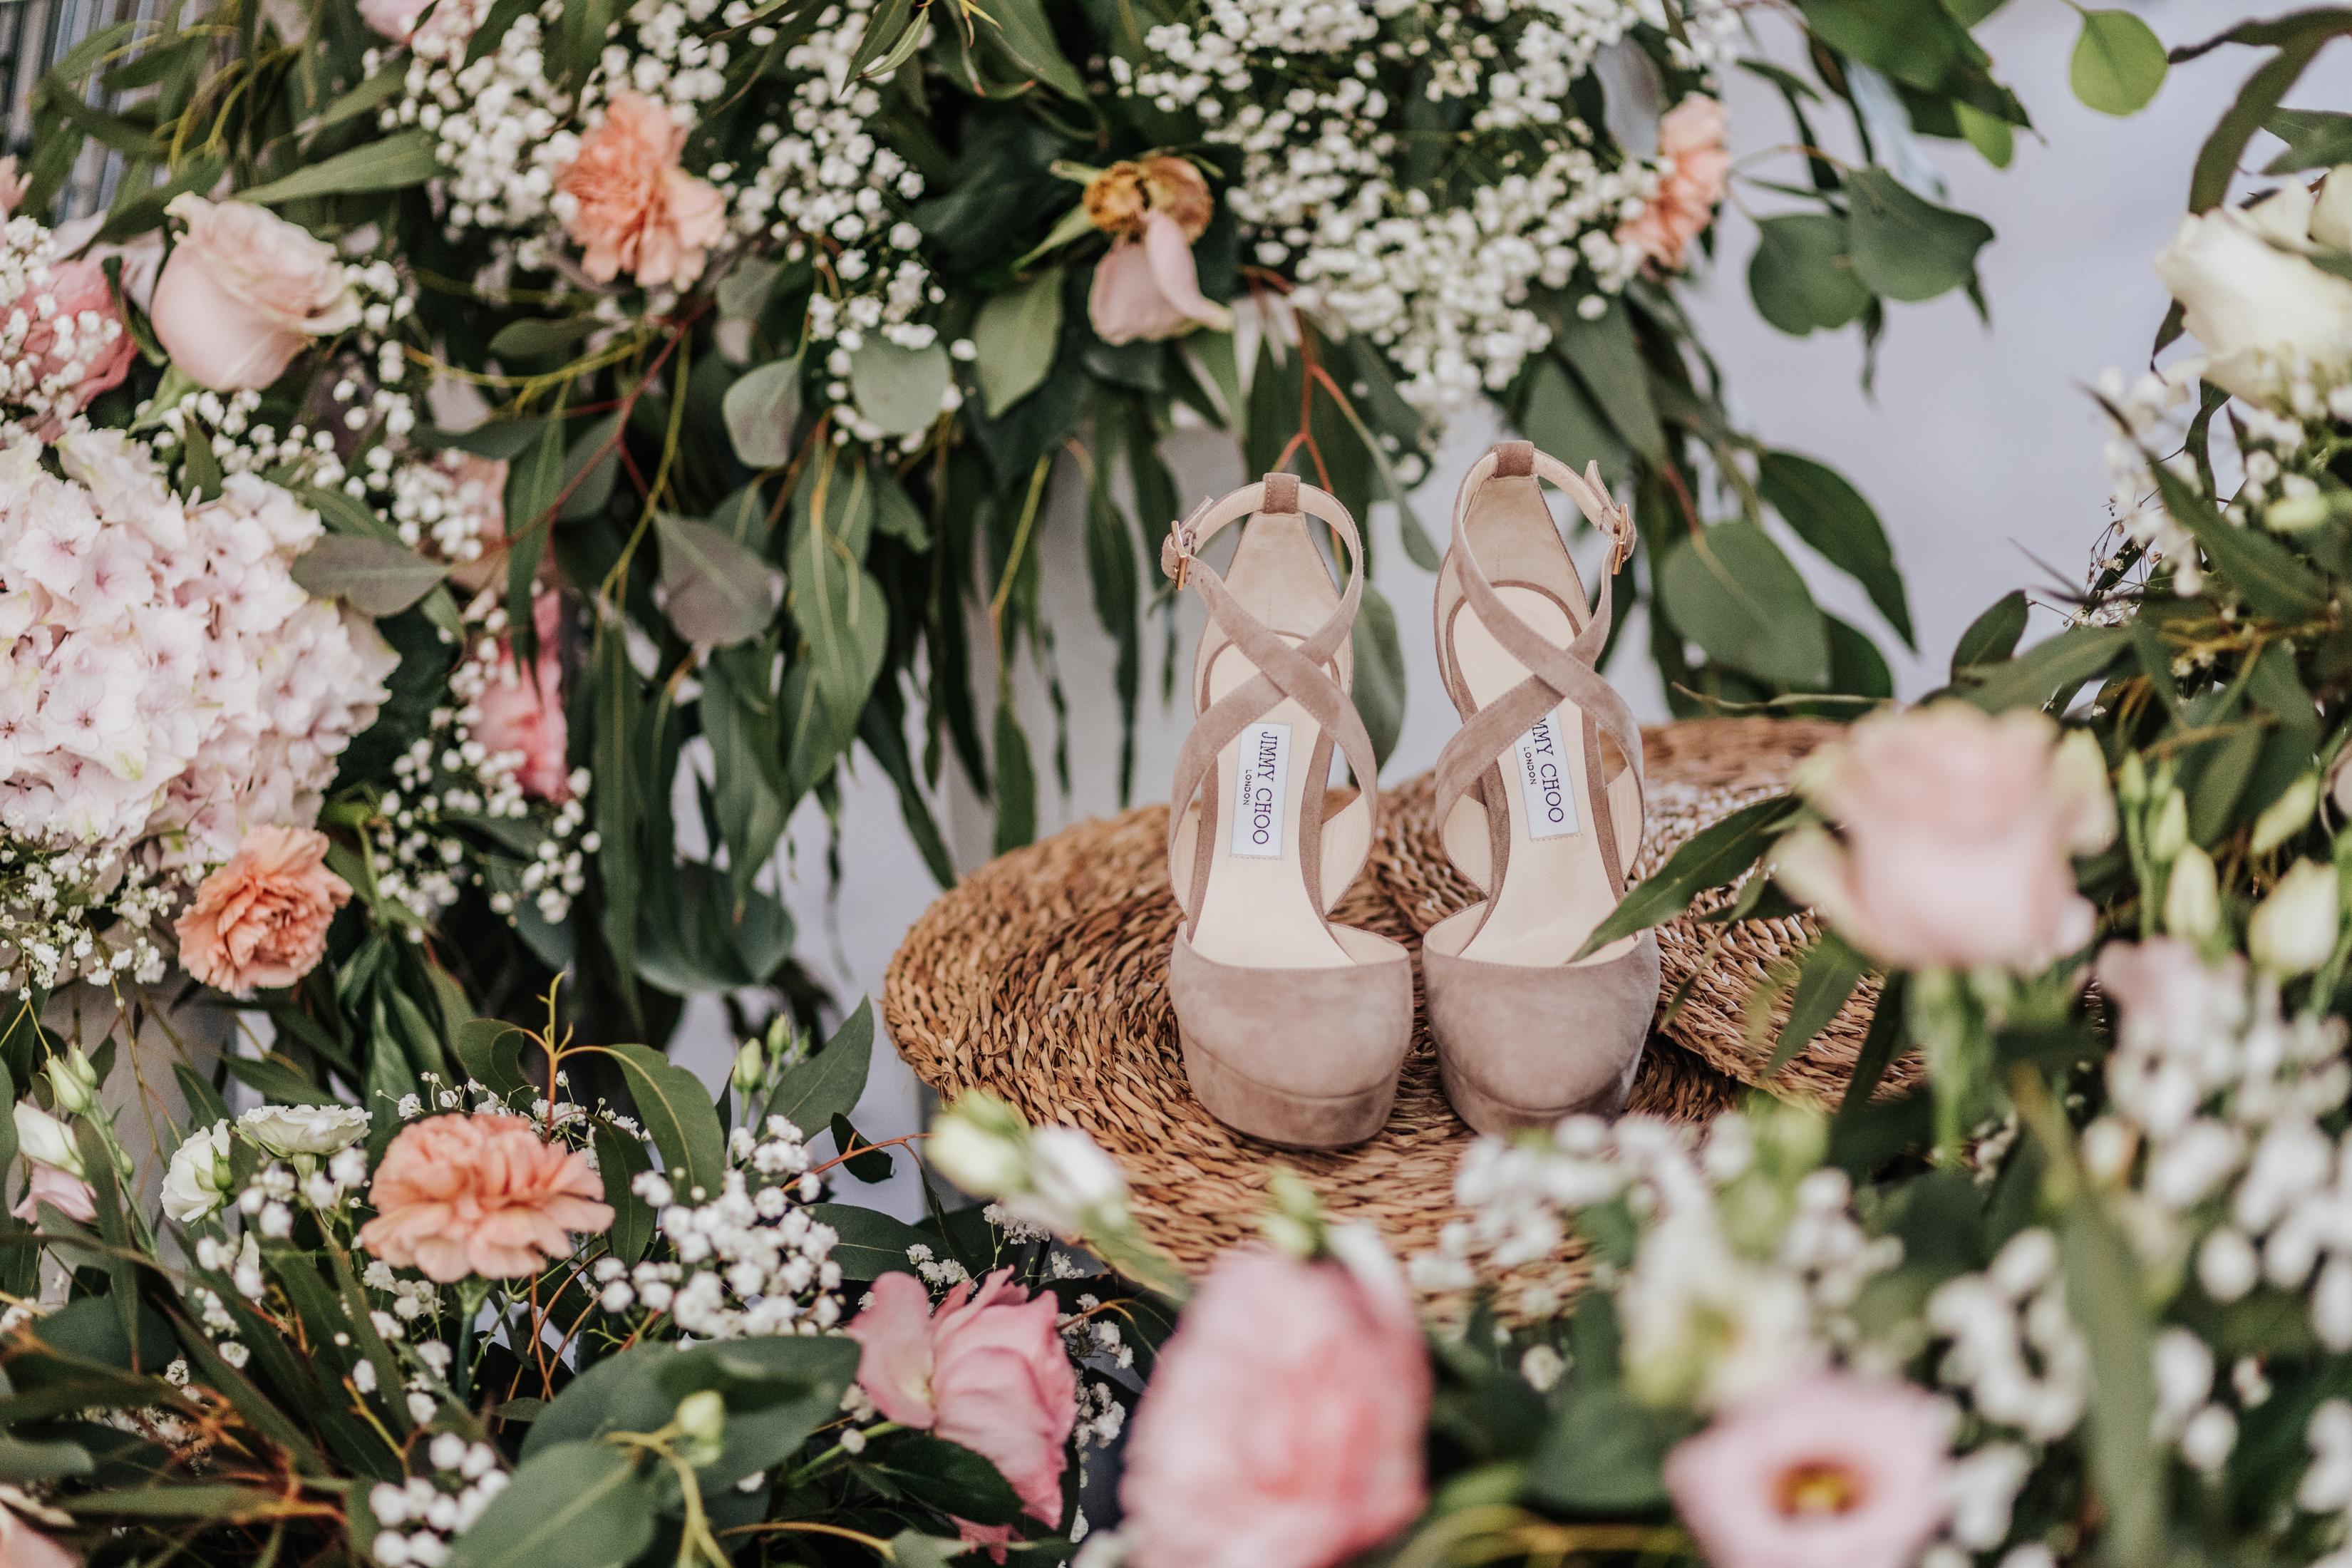 fotógrafo boda can magi :: boda en can magi :: fotógrafo boda sant cugat :: boda con estilo :: can magi sant cugat :: fotógrafo masía can magi